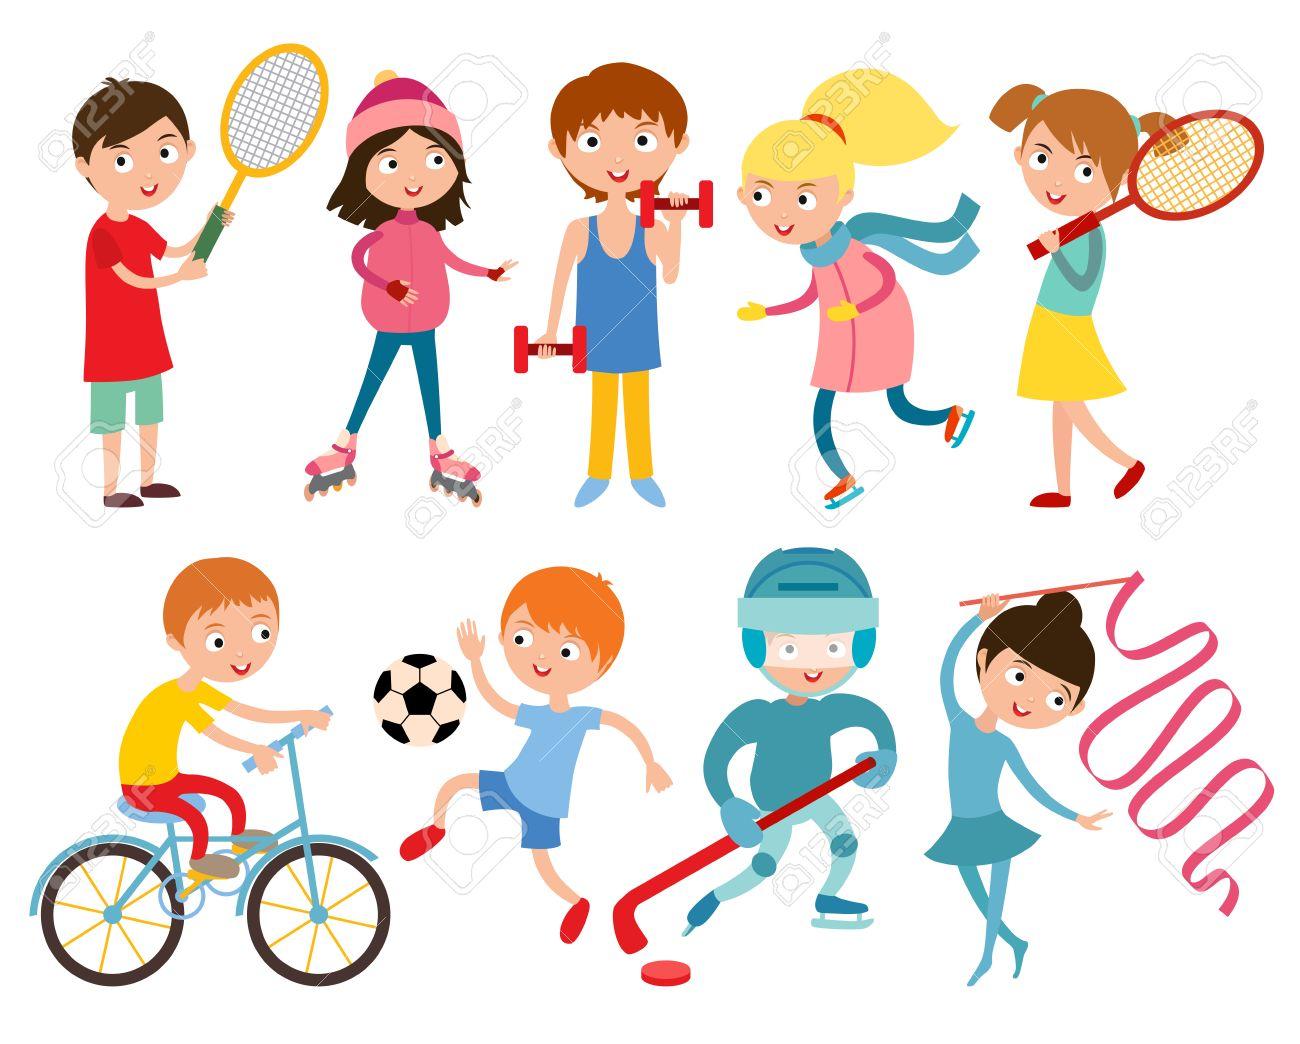 Παιδί και αθλητισμός: πως θα επιλέξετε το κατάλληλο σπορ; | Νέα ...